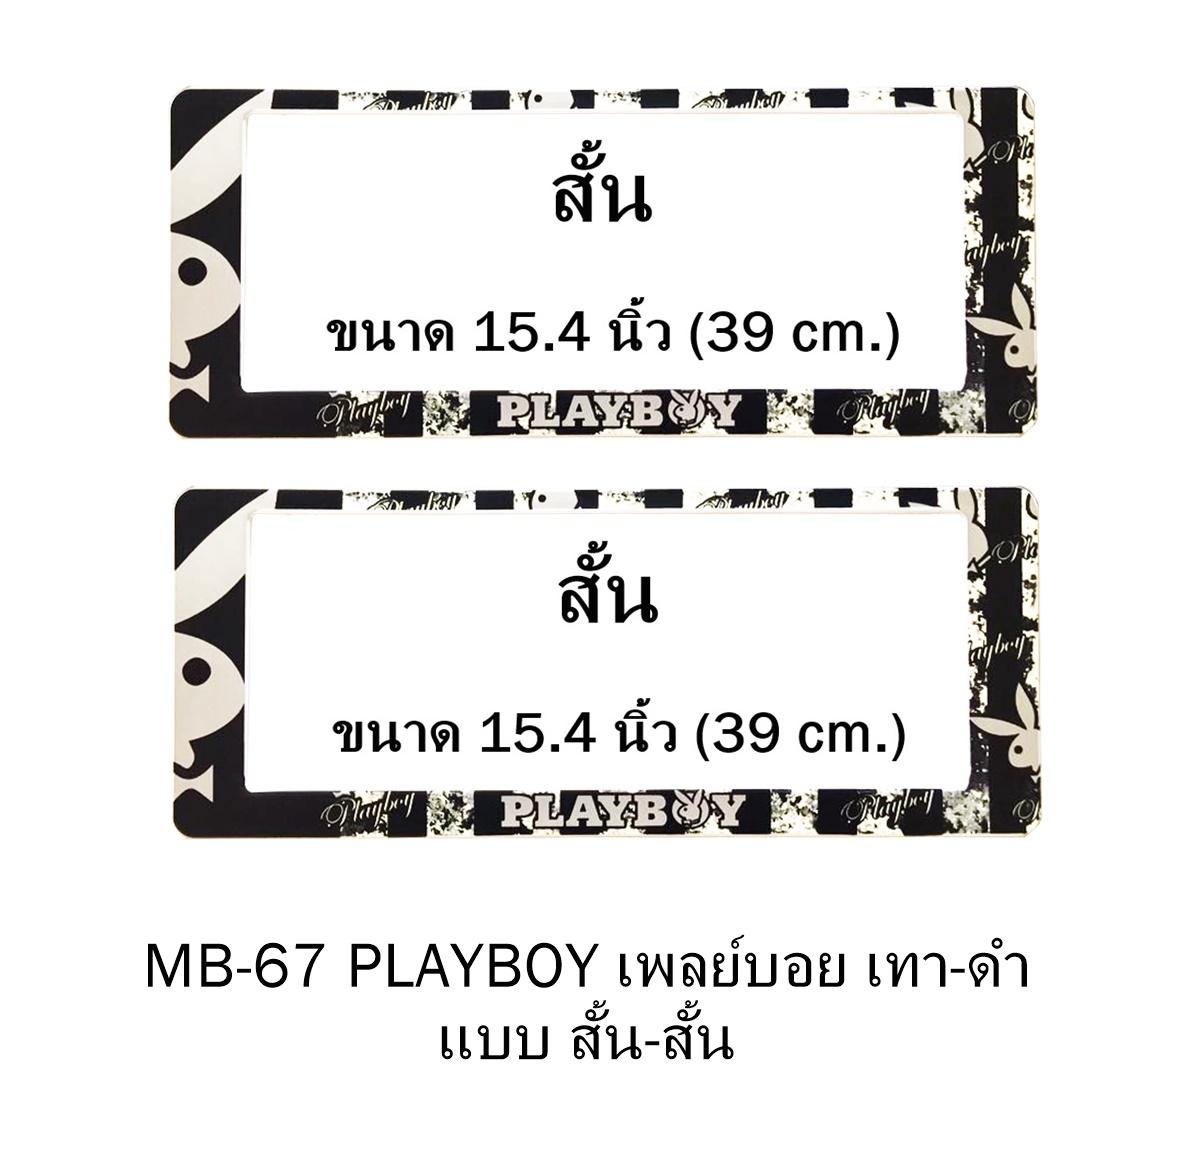 กรอบป้ายทะเบียน กันน้ำ MB-67 PLAYBOY GRAY เทาดำ สั้นสั้น รุ่น SP7 ระบบล็อค8จุด อะไหล่ครบ